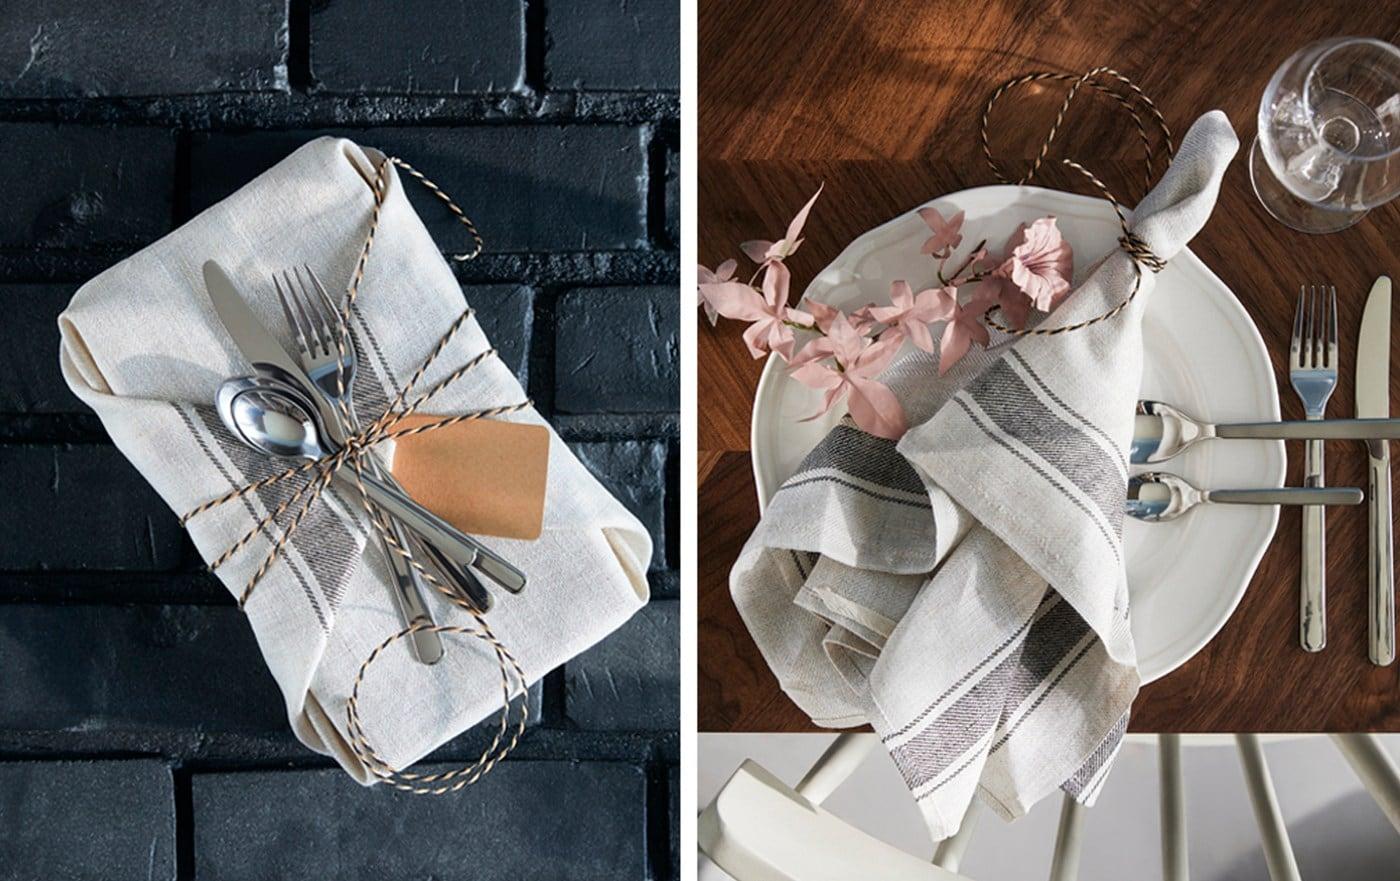 Corbeille en fil remplie de surprises et emballée dans un joli linge à vaisselle. À droite, le linge est déposé sur une assiette.